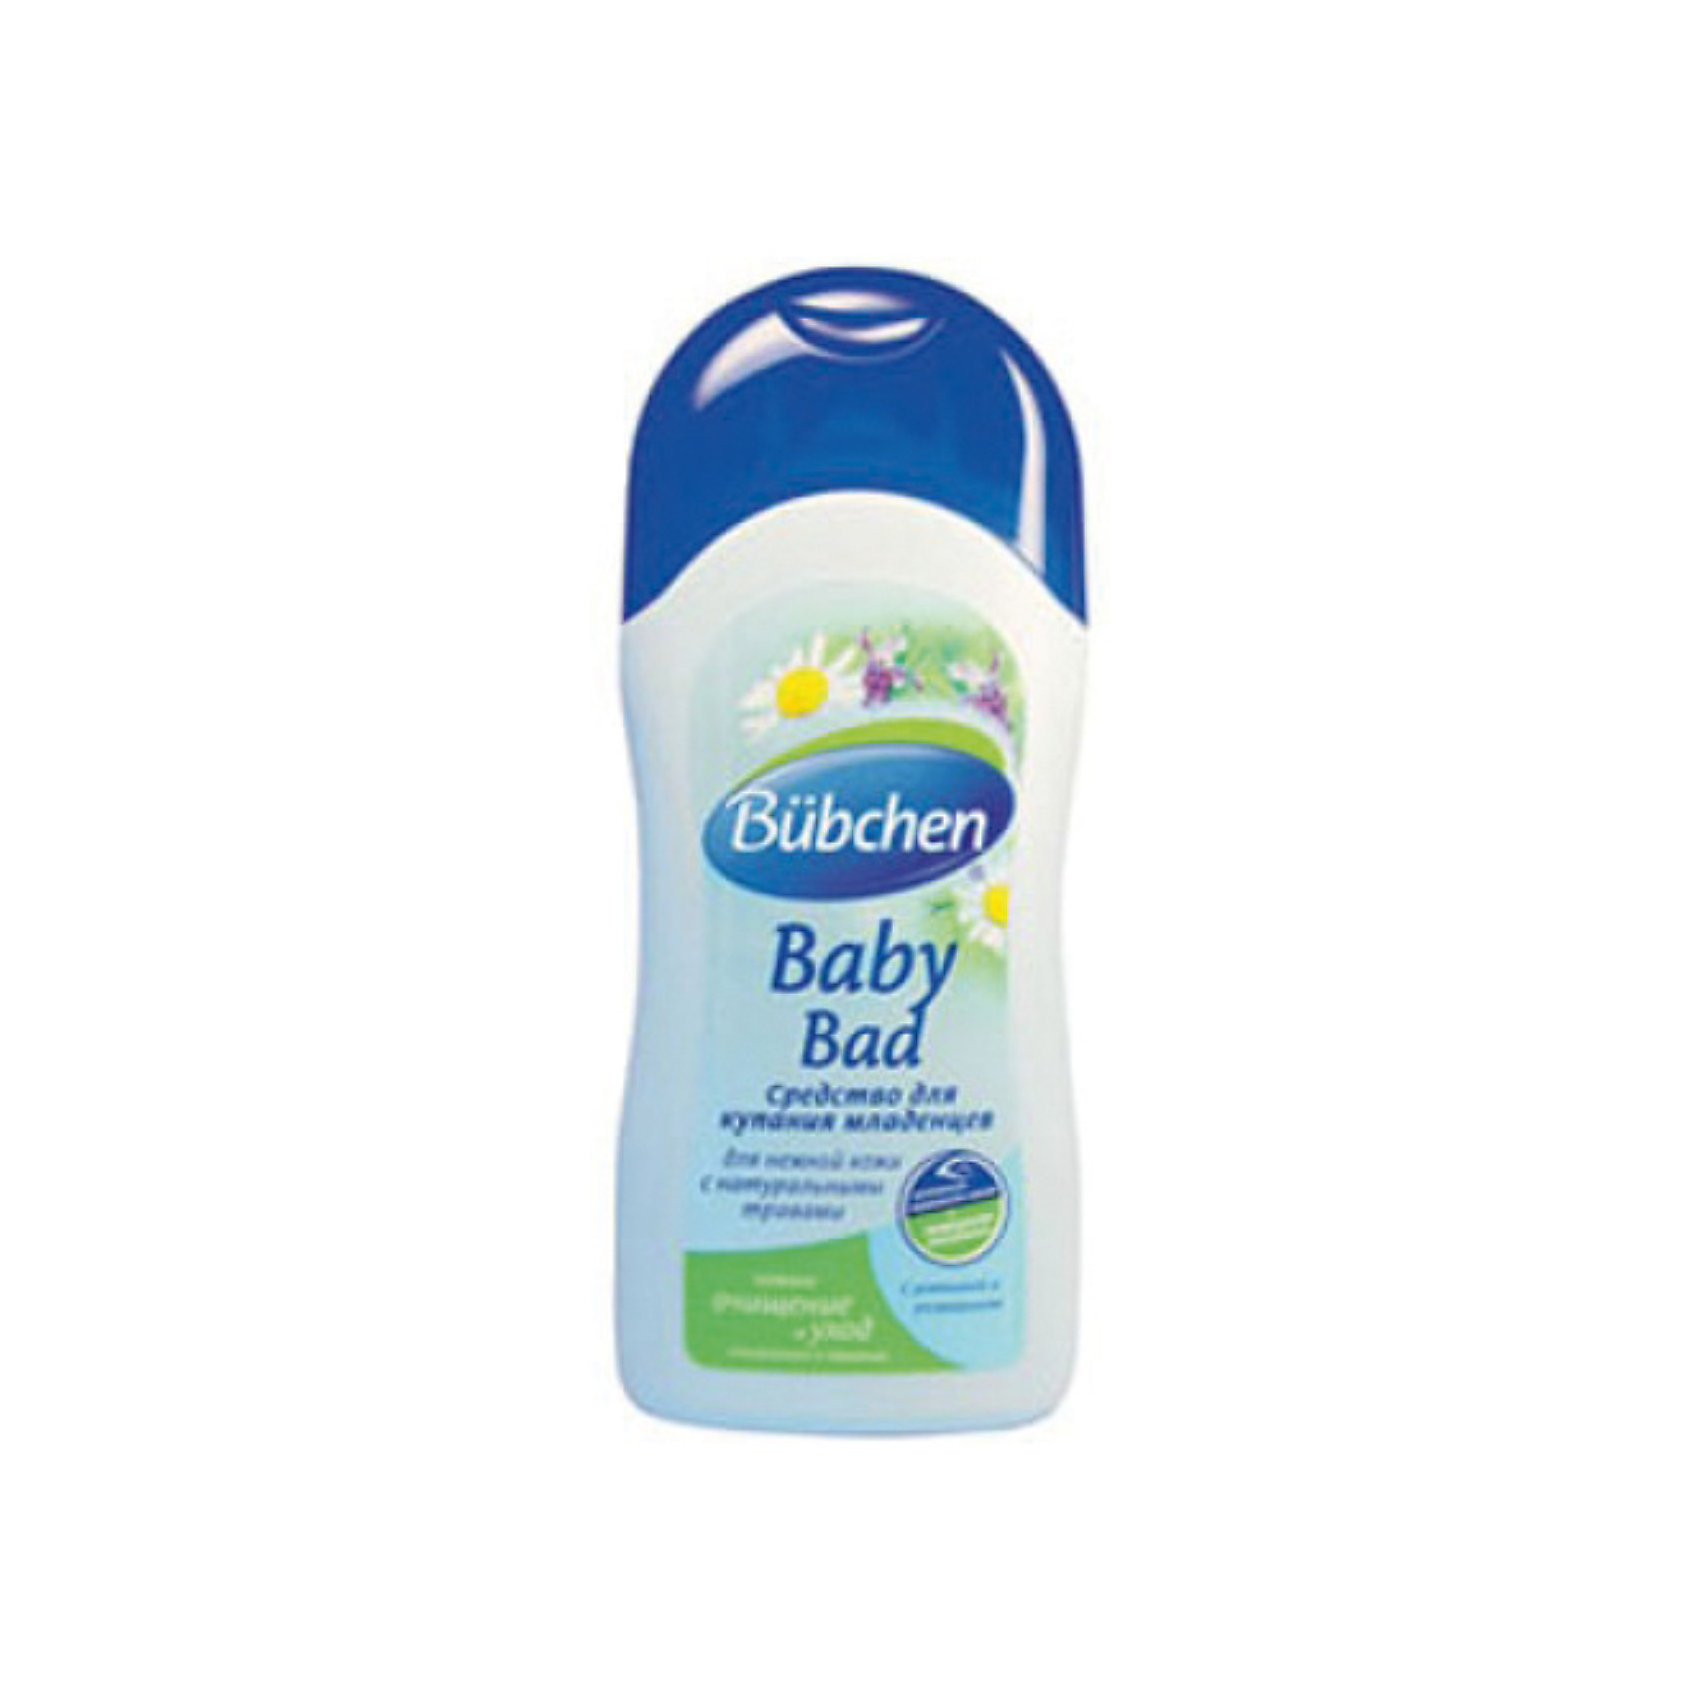 Средство для купания младенцев, Bubchen, 200 мл.Средство для купания младенцев, Bubchen (Бюбхен), 200 мл. - мягкая и надежная защита кожи младенцев, благодаря использованию природных компонентов. <br>Средство для купания младенцев Bubchen (Бюбхен) сочетает в себе пену для ванны и мягкий шампунь. Содержит натуральные действующие вещества трав - тенсиды, которые активно воздействуют непосредственно на загрязнения кожи. Тенсиды абсолютно совместимы с кожей ребенка и не вызывают раздражений и аллергических реакций. Экстракт ромашки, входящий в состав средства для купания, оказывает противовоспалительное и антисептическое действие на микроповреждения и воспалительные процессы на коже ребенка. Абсолютно безвредно при попадании в рот. Не раздражает слизистую оболочку глаз. Мягко, без раздражающего действия, очищает кожные покровы активными веществами трав, а не алколоидами, как обычное мыло. Не разрушает кислотно-защитный слой поверхности кожи, имеет нейтральный рН.<br><br>Дополнительная информация:<br><br>- Объем: 200 мл.<br>- С натуральными экстрактами ромашки и розмарина<br>- Моющие вещества на растительной основе<br>- Не содержит мыла<br>- Без консервантов и красителей<br>- Проверено дерматологами<br>- Подходит для детей с рождения и для всей семьи<br>- Подходит для ежедневного использования<br><br>Средство для купания младенцев, Bubchen (Бюбхен), 200 мл. можно купить в нашем интернет-магазине.<br><br>Ширина мм: 38<br>Глубина мм: 68<br>Высота мм: 168<br>Вес г: 240<br>Возраст от месяцев: 0<br>Возраст до месяцев: 60<br>Пол: Унисекс<br>Возраст: Детский<br>SKU: 3658837